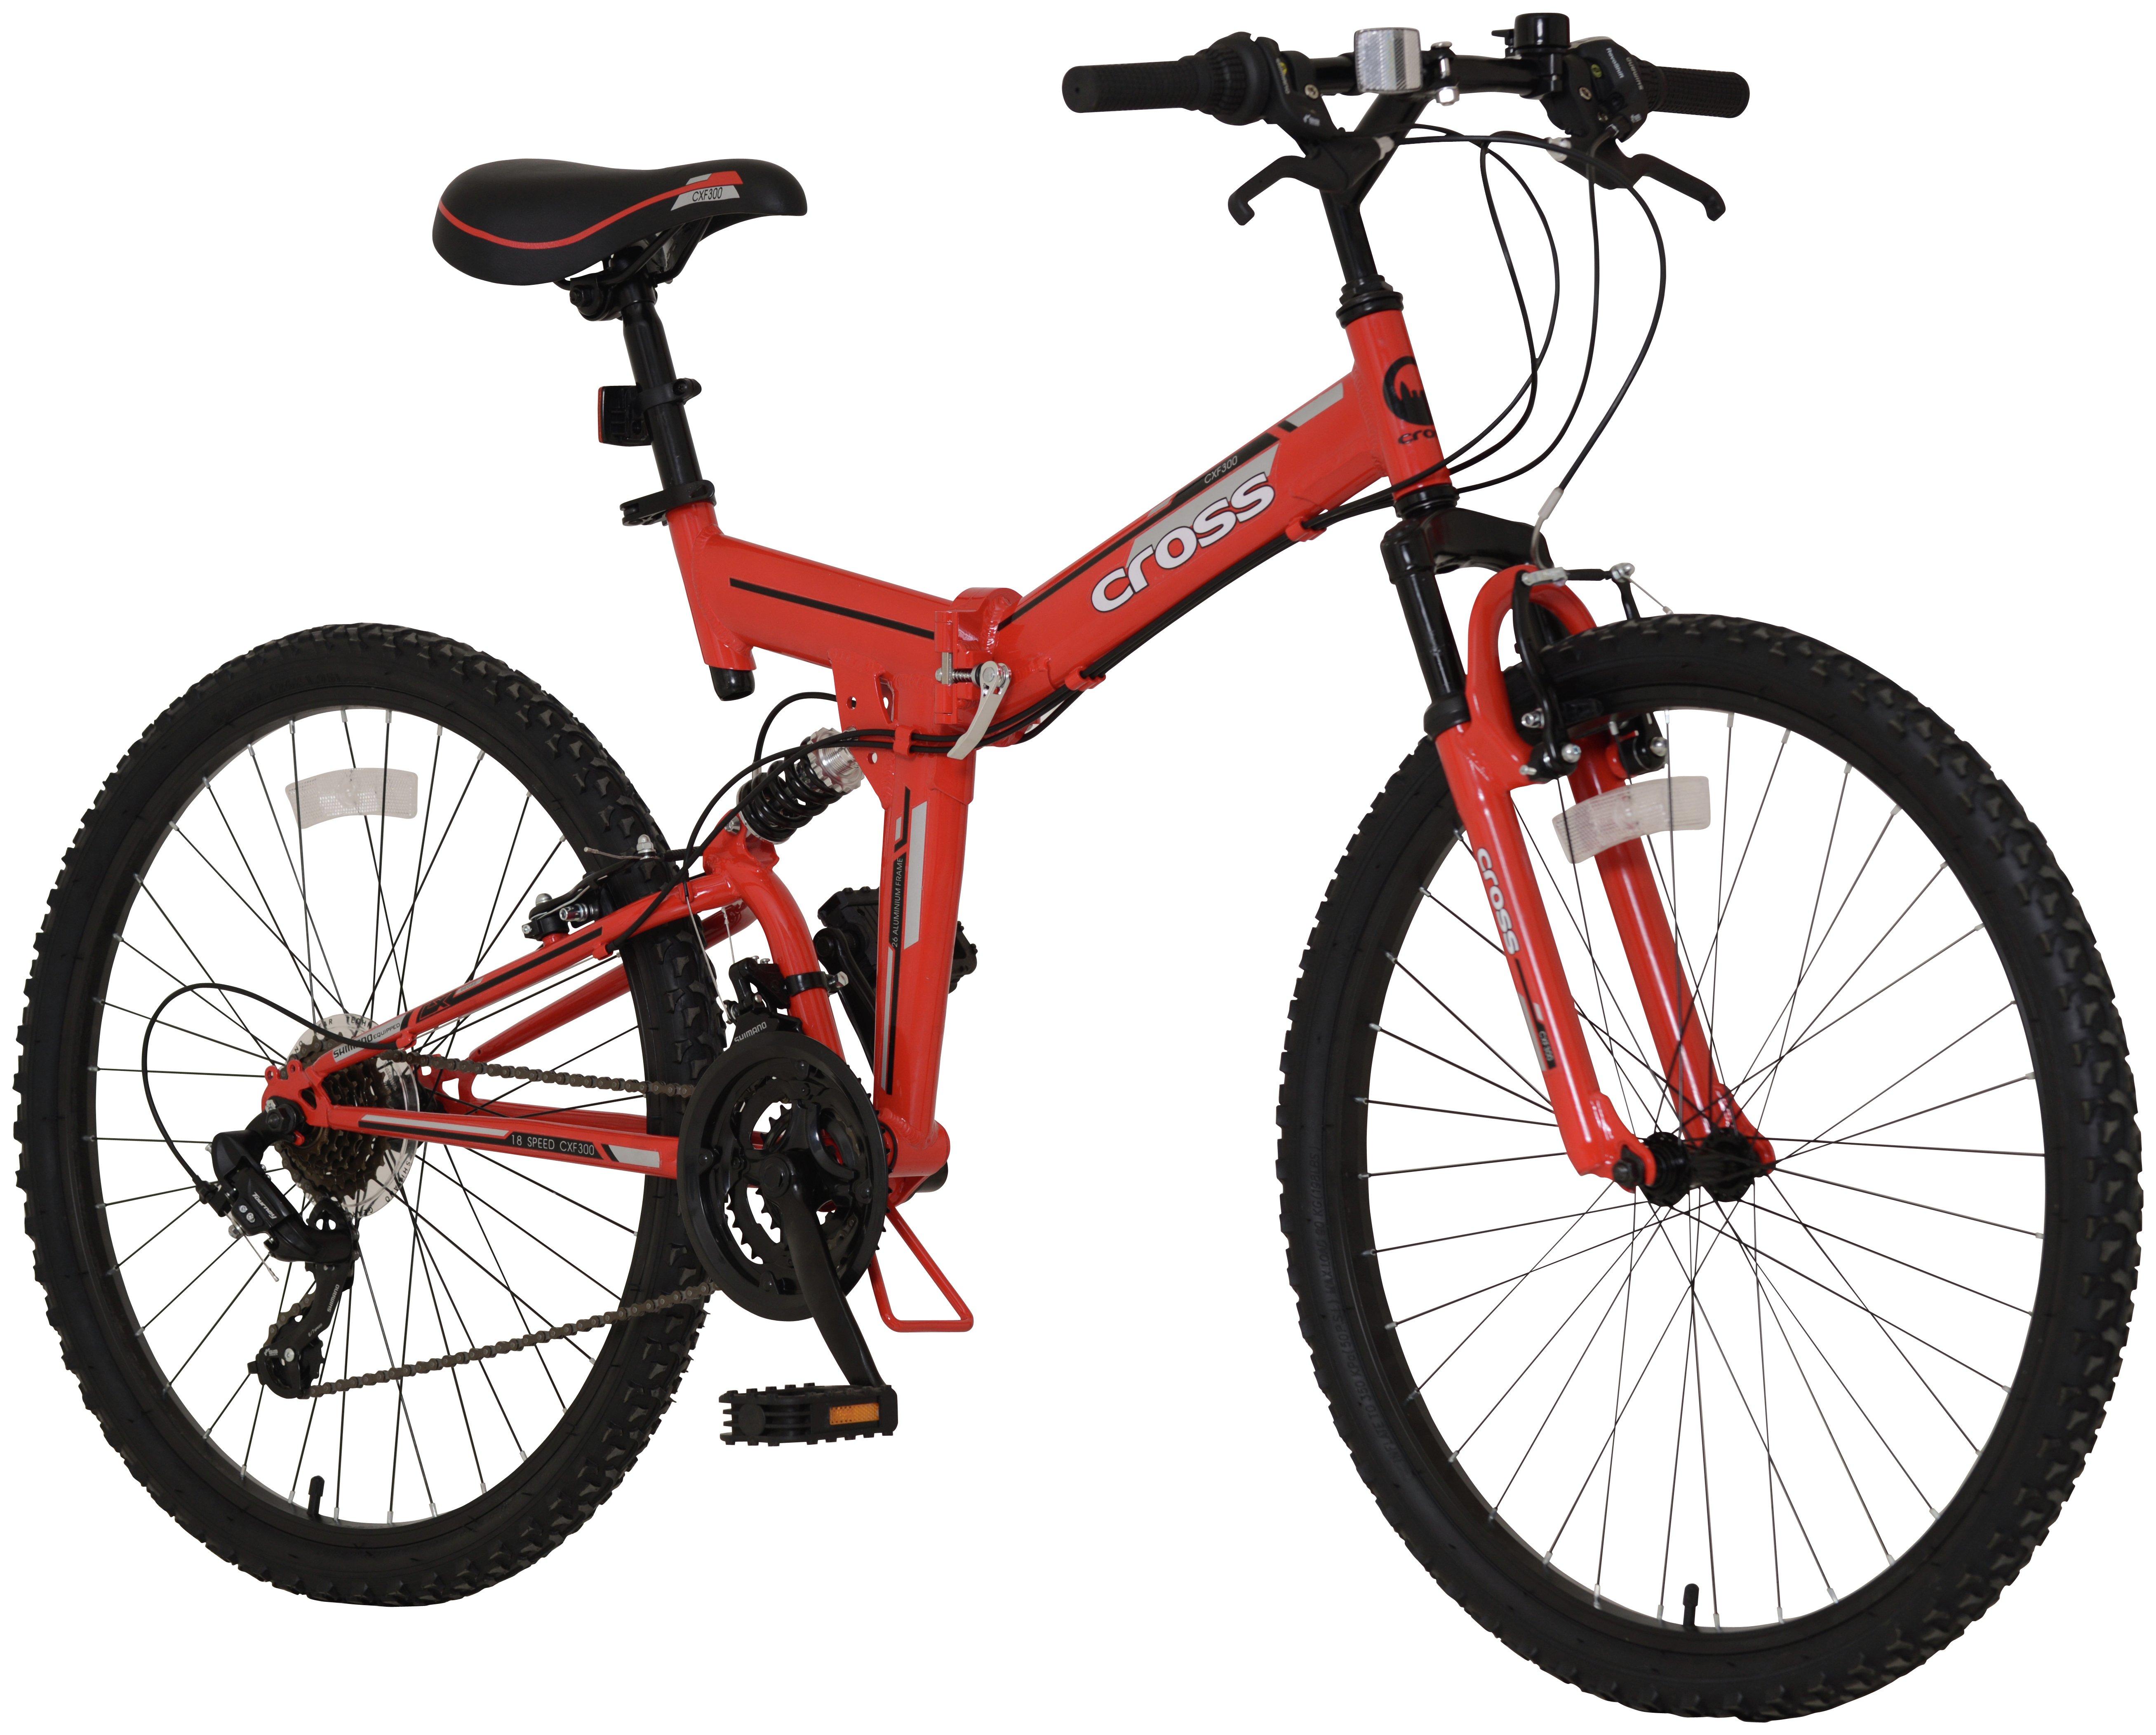 Image of Cross CXF300 Folding 26in Bike